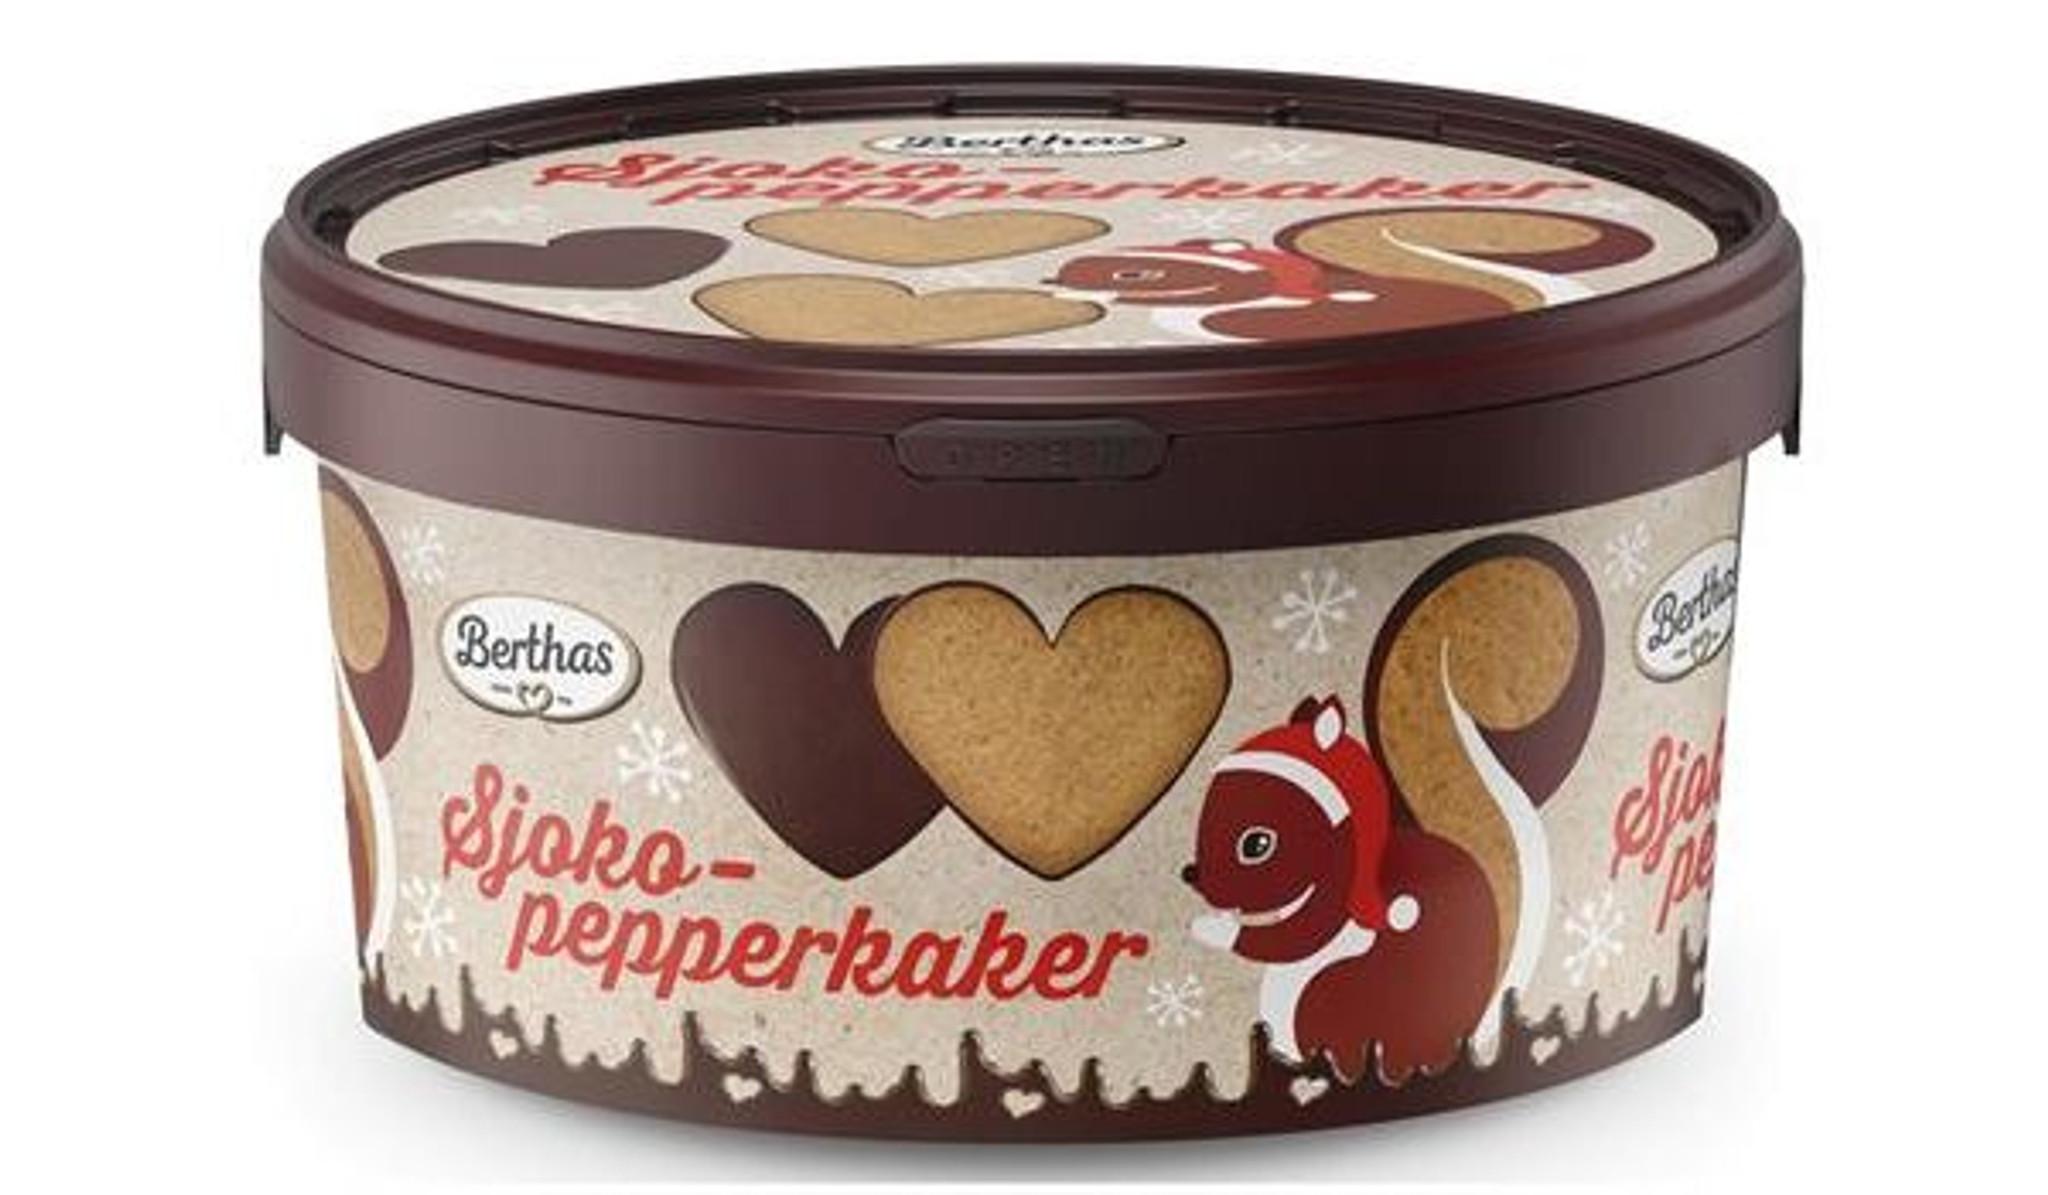 Chocolate Gingerbread Cookies 300 Grams Sjokopepperkaker